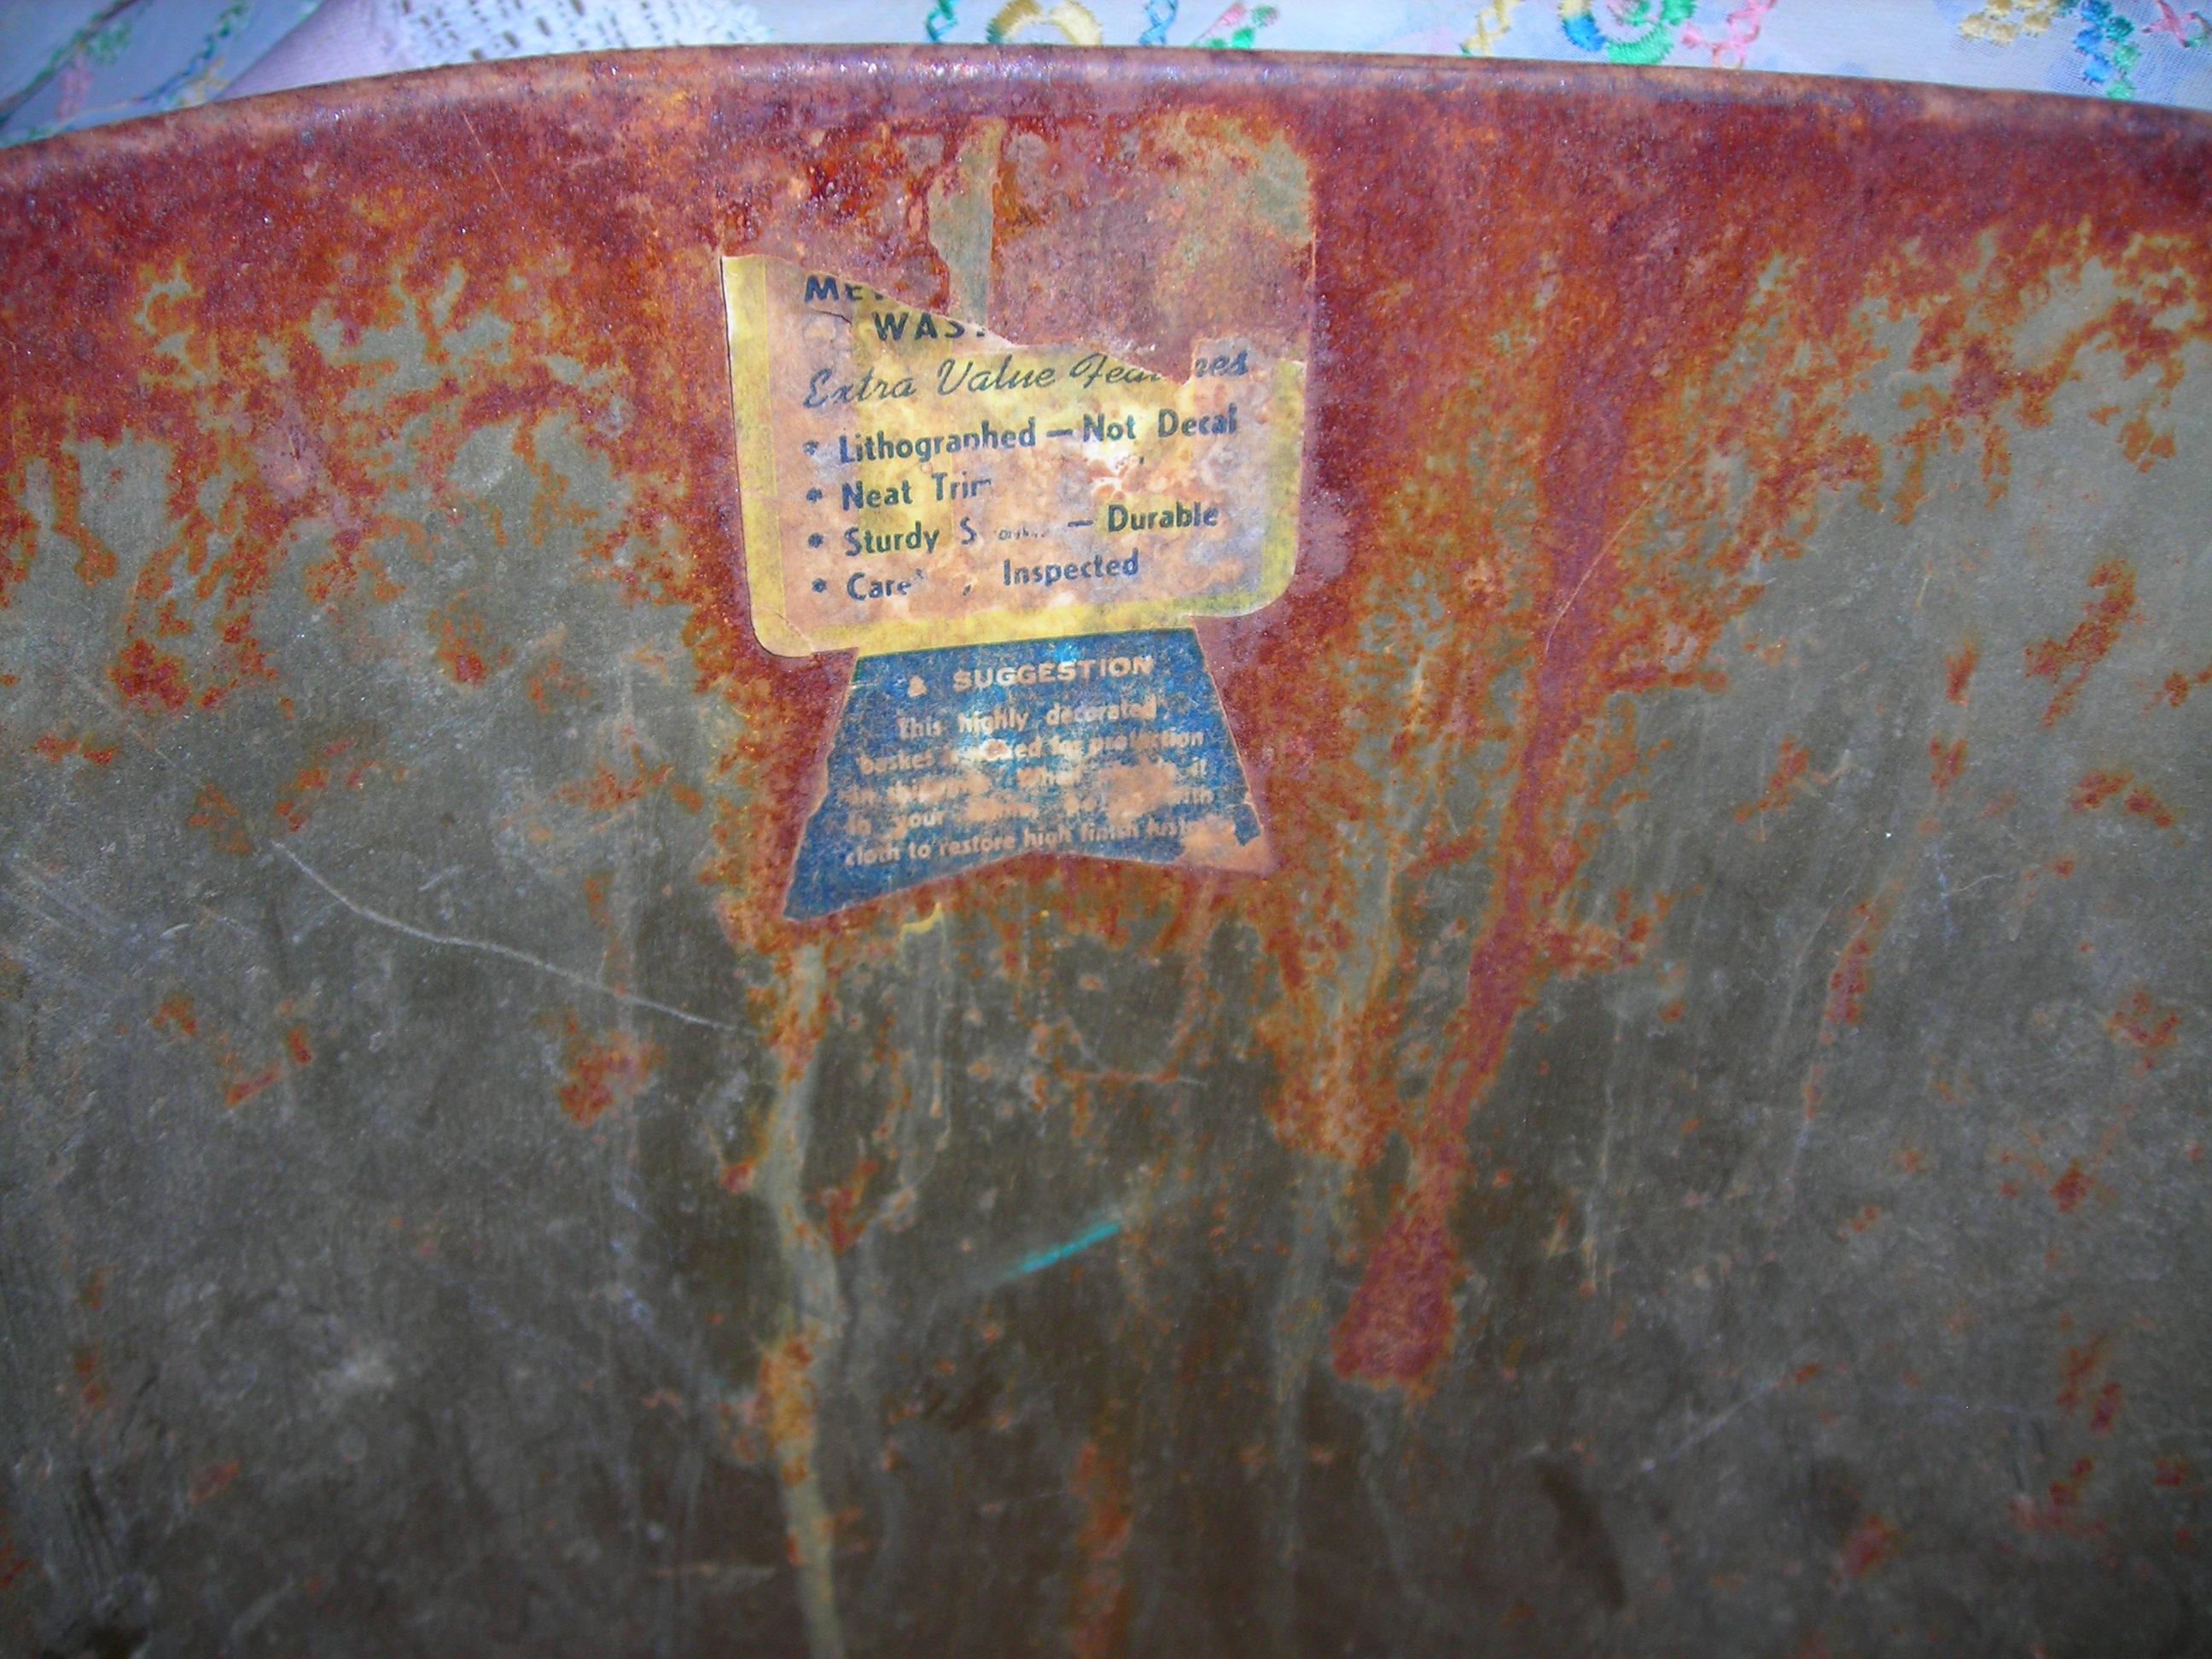 inside of trash can, sticker describing how wonderful it is!